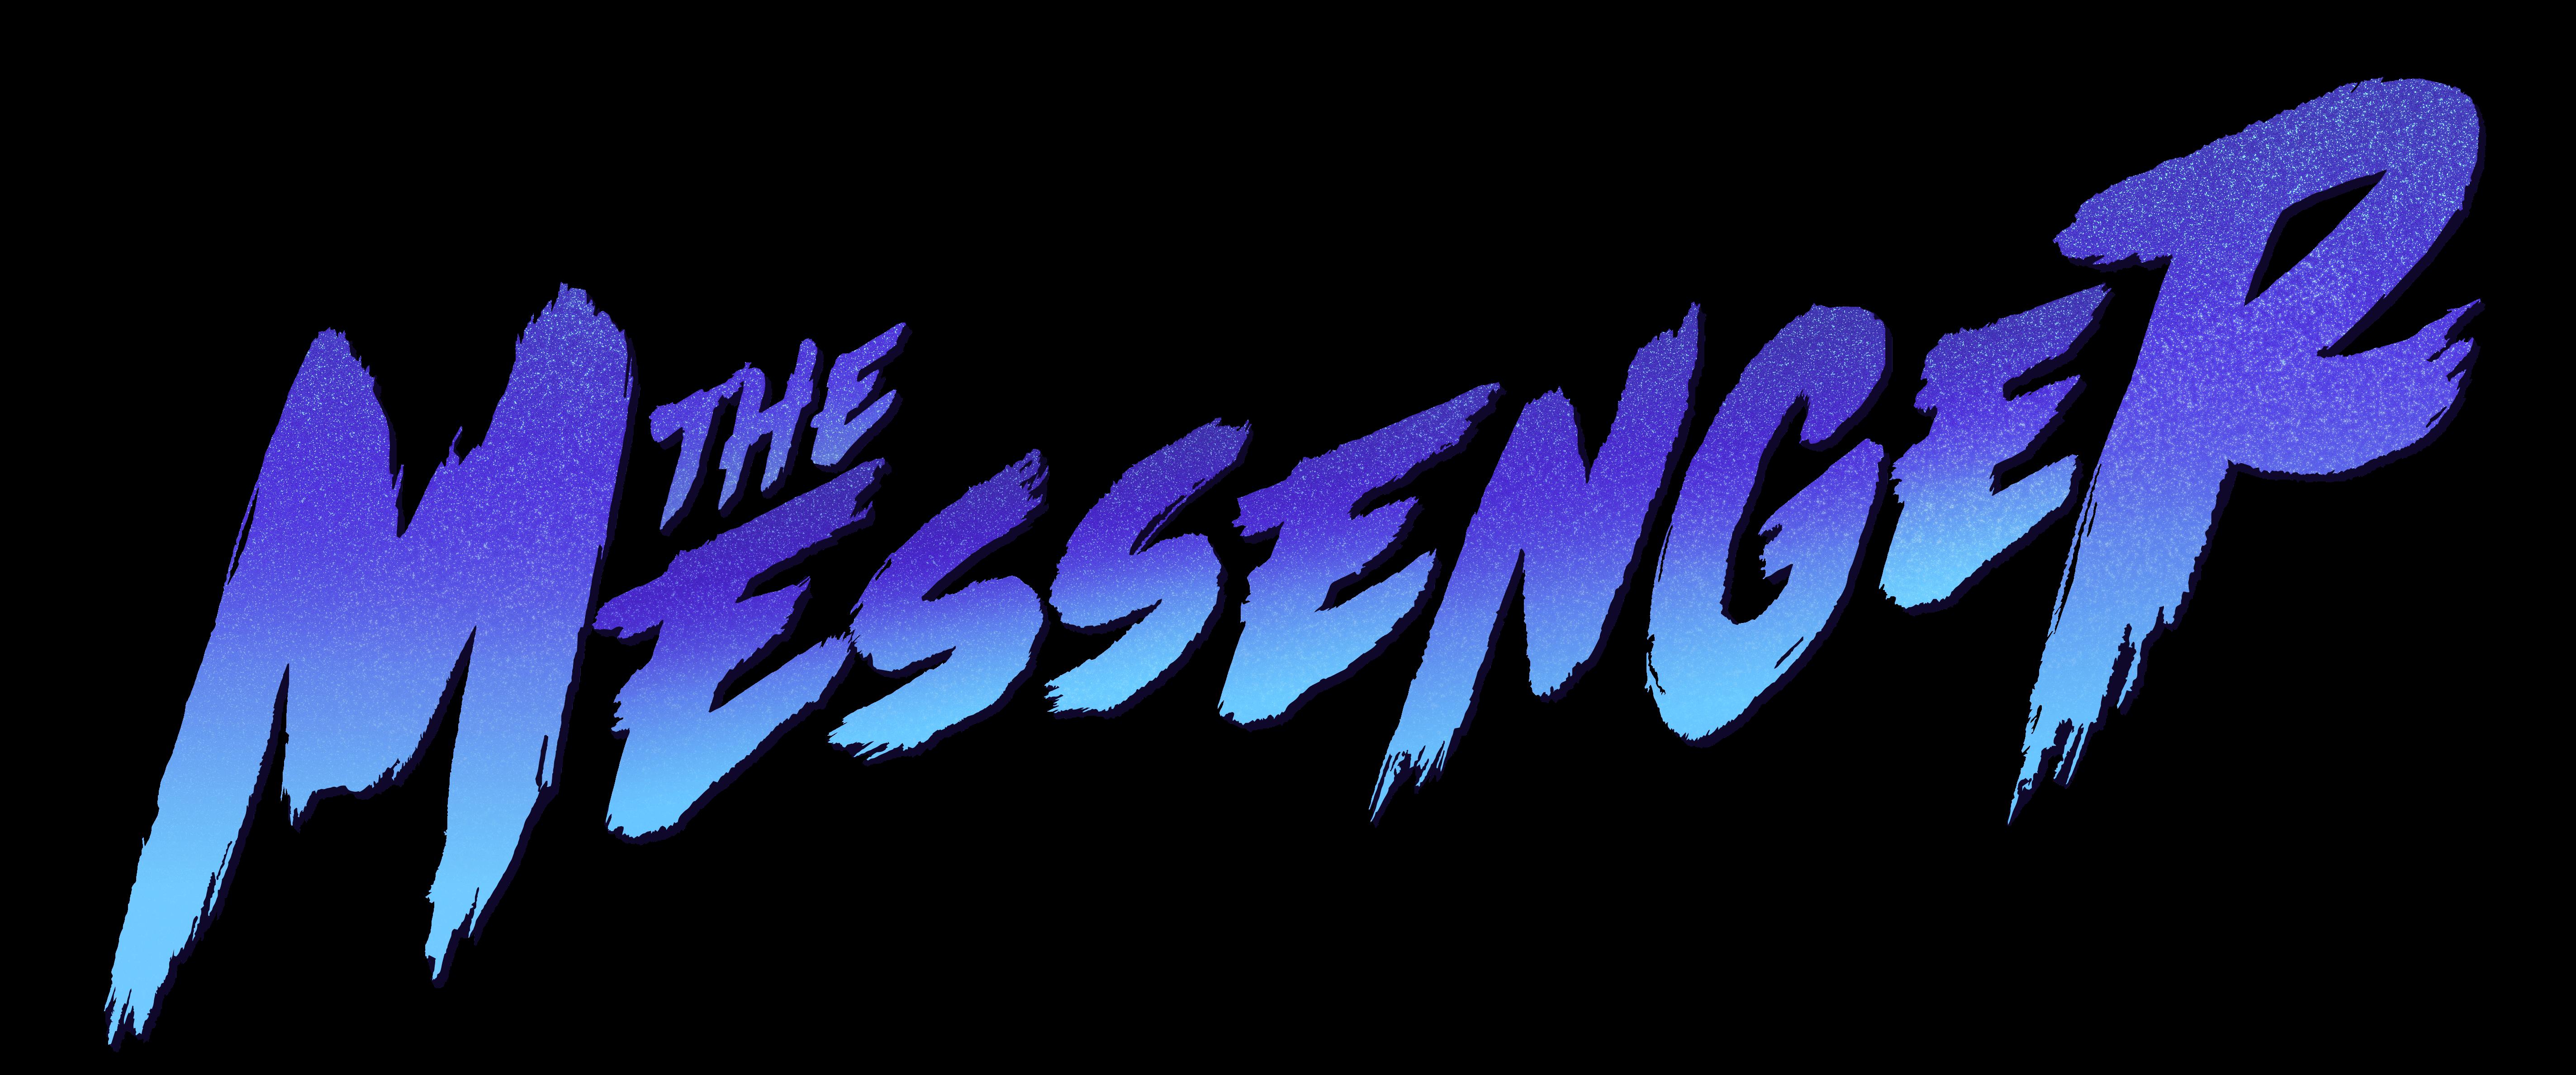 the messenger logo